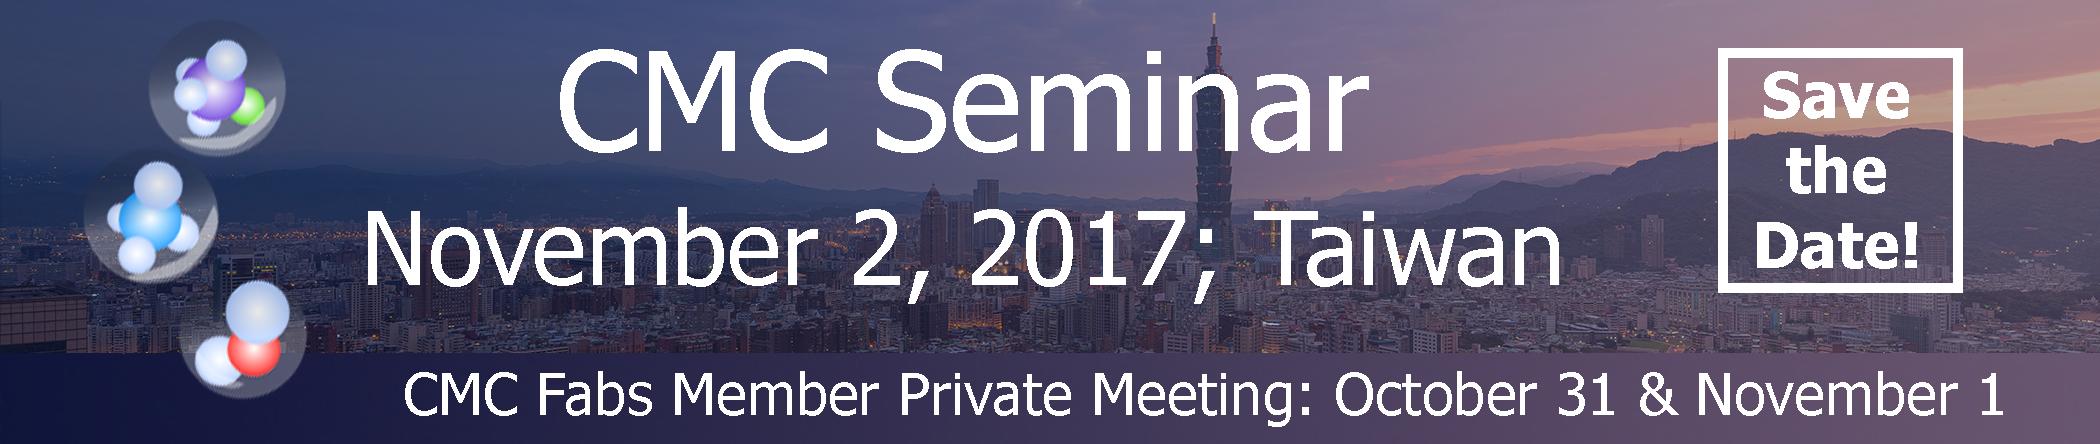 CMC Seminar 2017